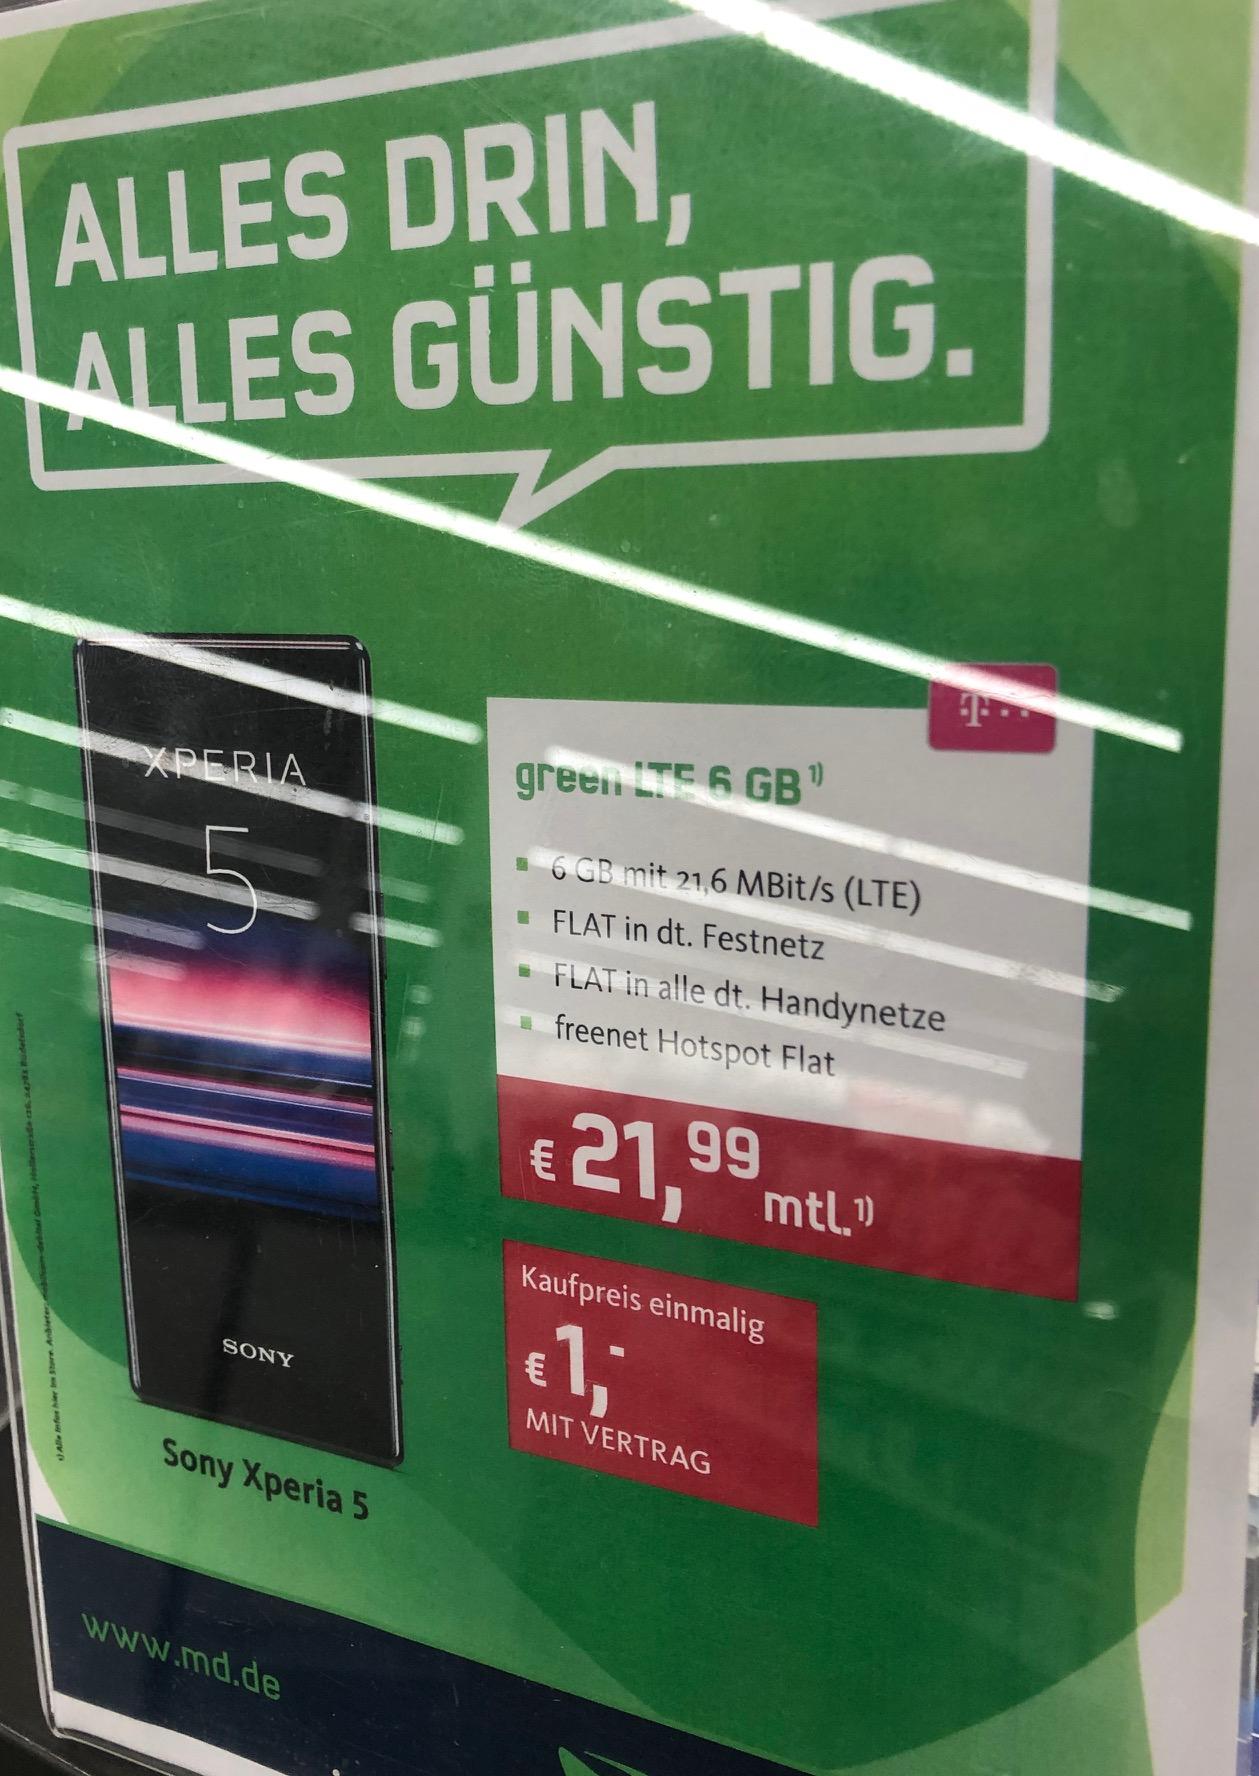 Lokal Media Köln Sony Xperia 5 für 21,99 € Monat für 1 € mit 6 GB LTE mobilcom oder ZTE Axon 10 Pro für 9,99 € Mon. für 49 € mit 4 GB LTE o2